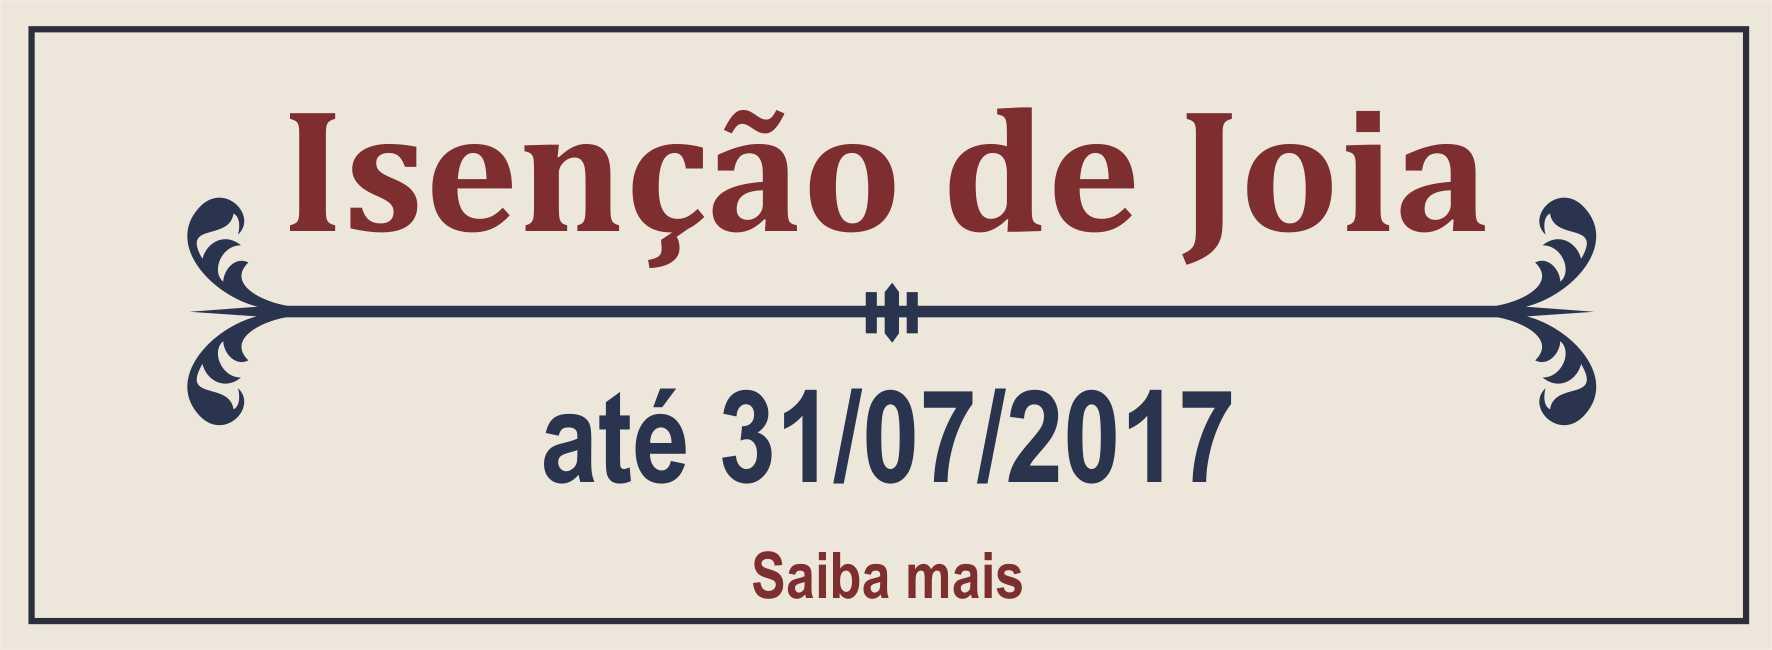 https://www.clubenaval.org.br/novo/admiss%C3%A3o-com-isen%C3%A7%C3%A3o-de-joia-0